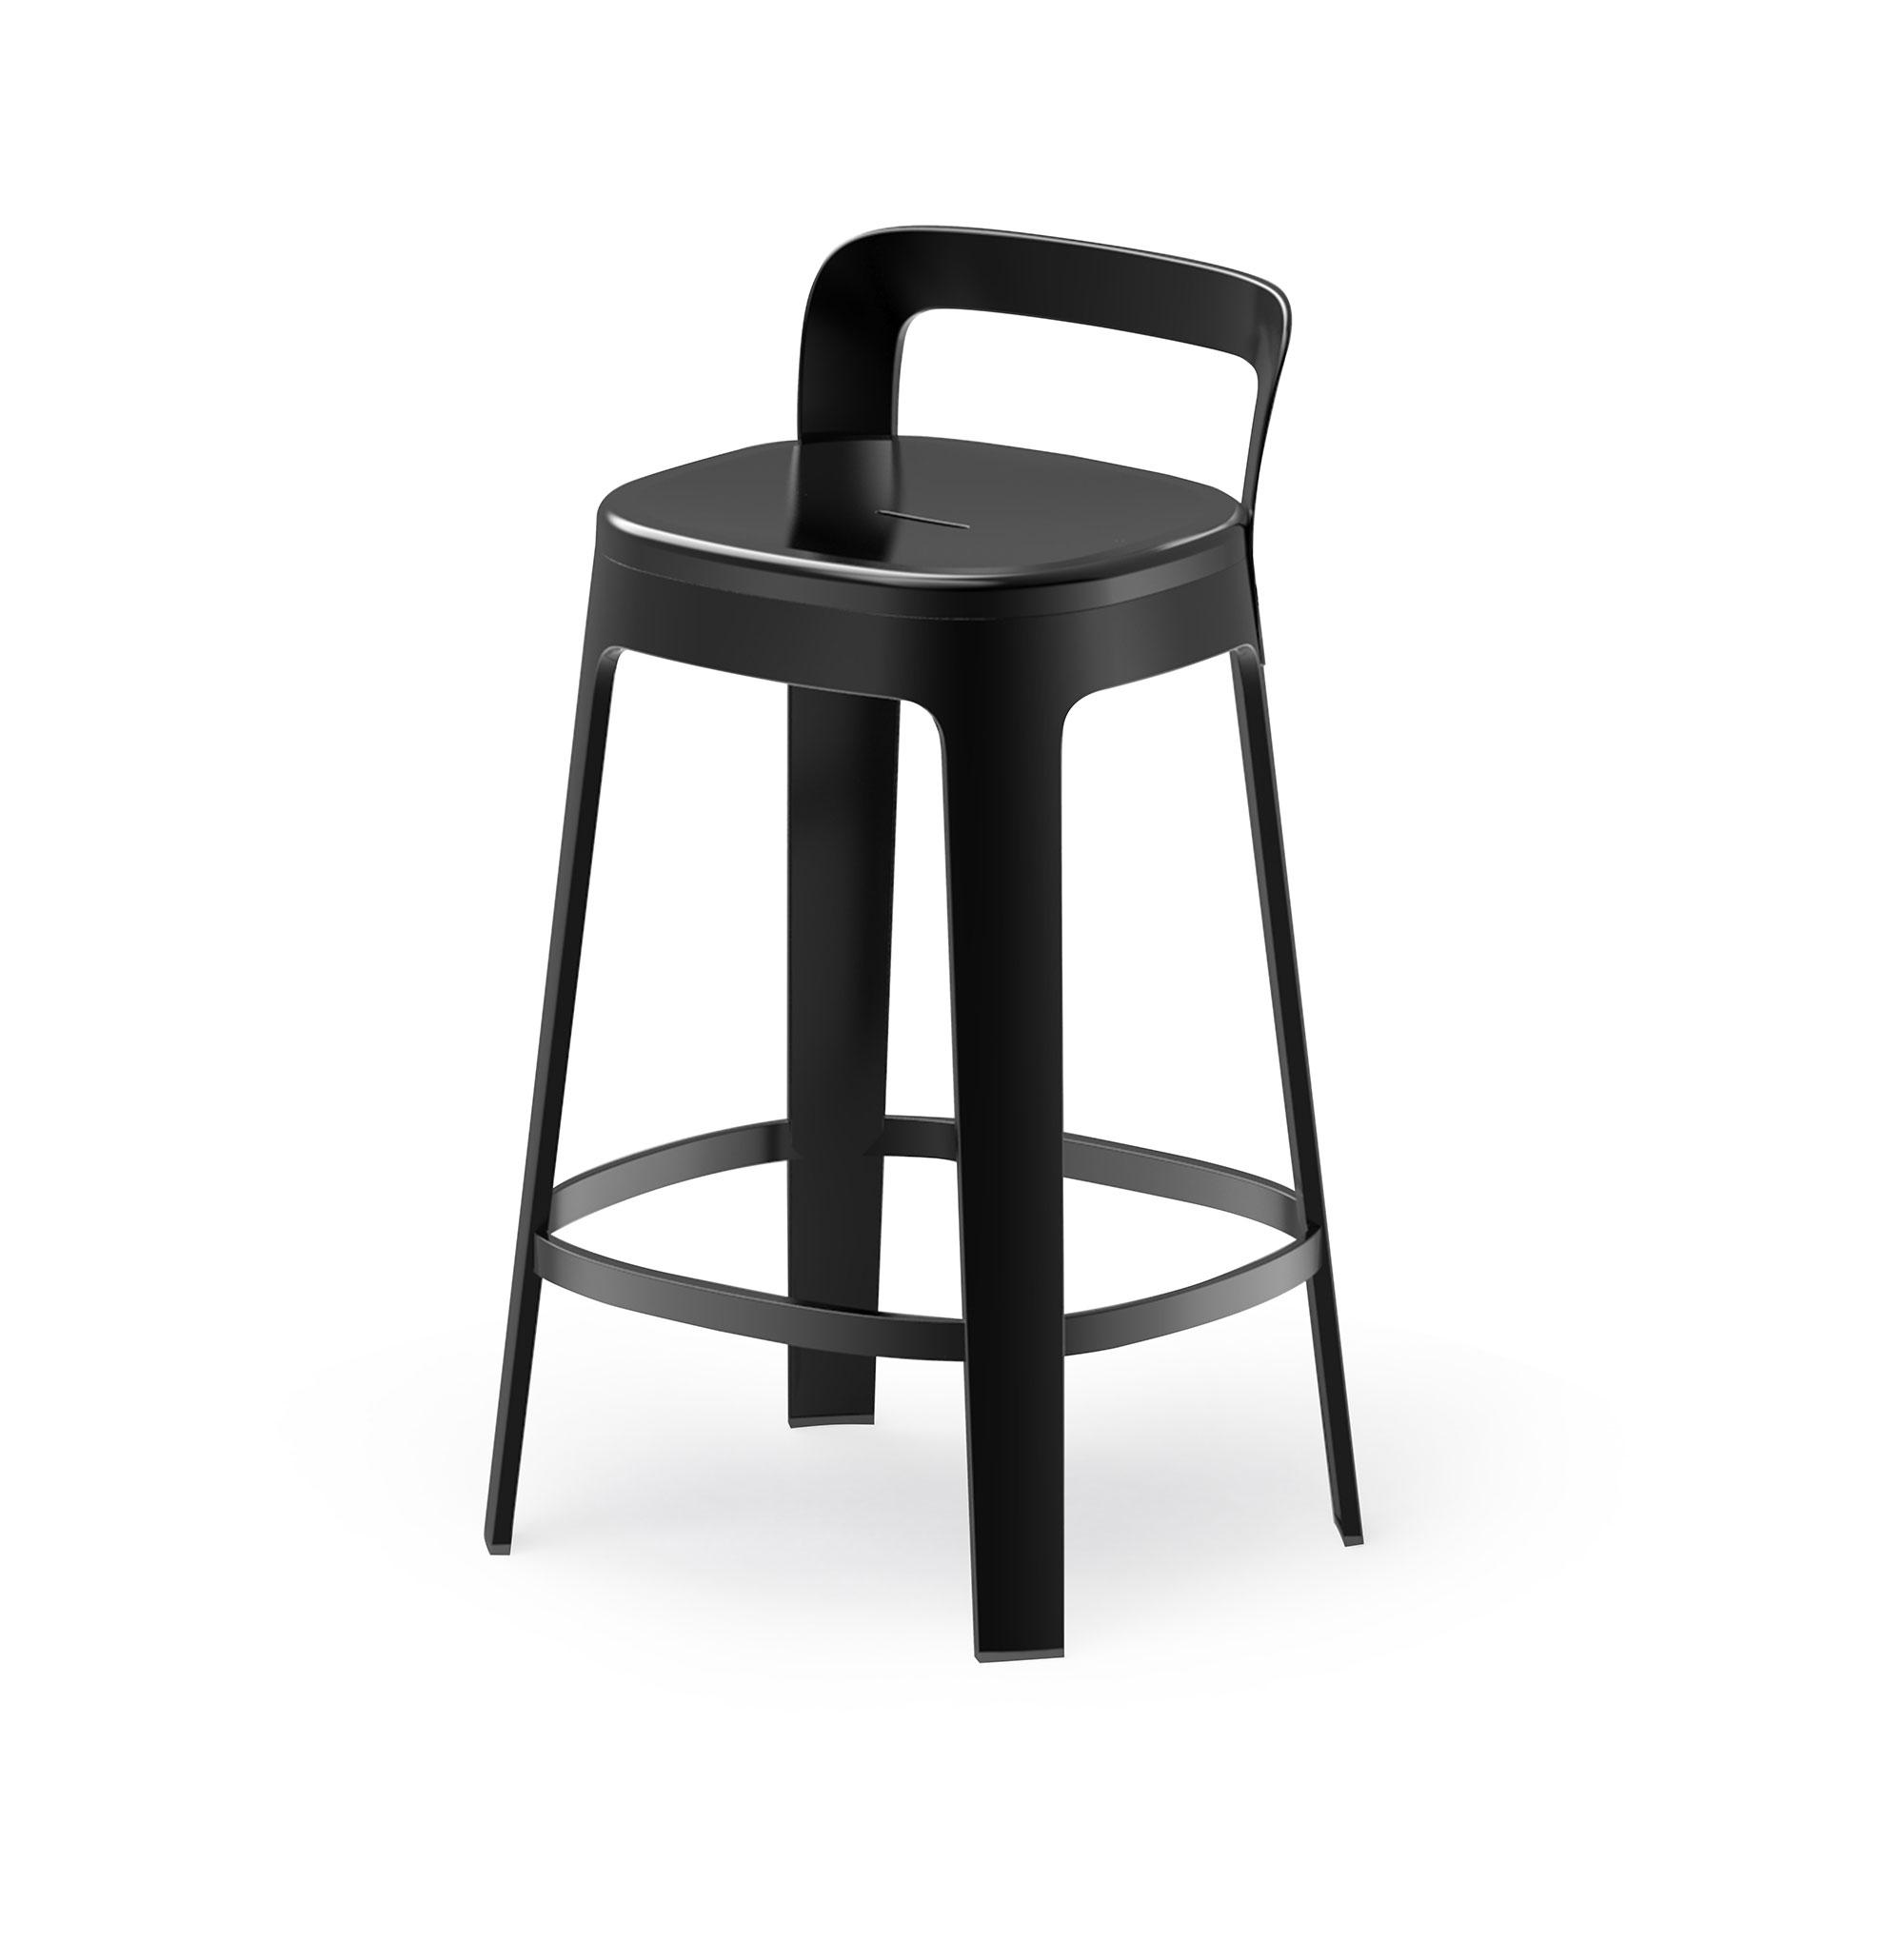 """Thekenhocker mit Lehne """"Das Mittelstück"""" - Design OMBRA COUNTER von RS Barcelona"""